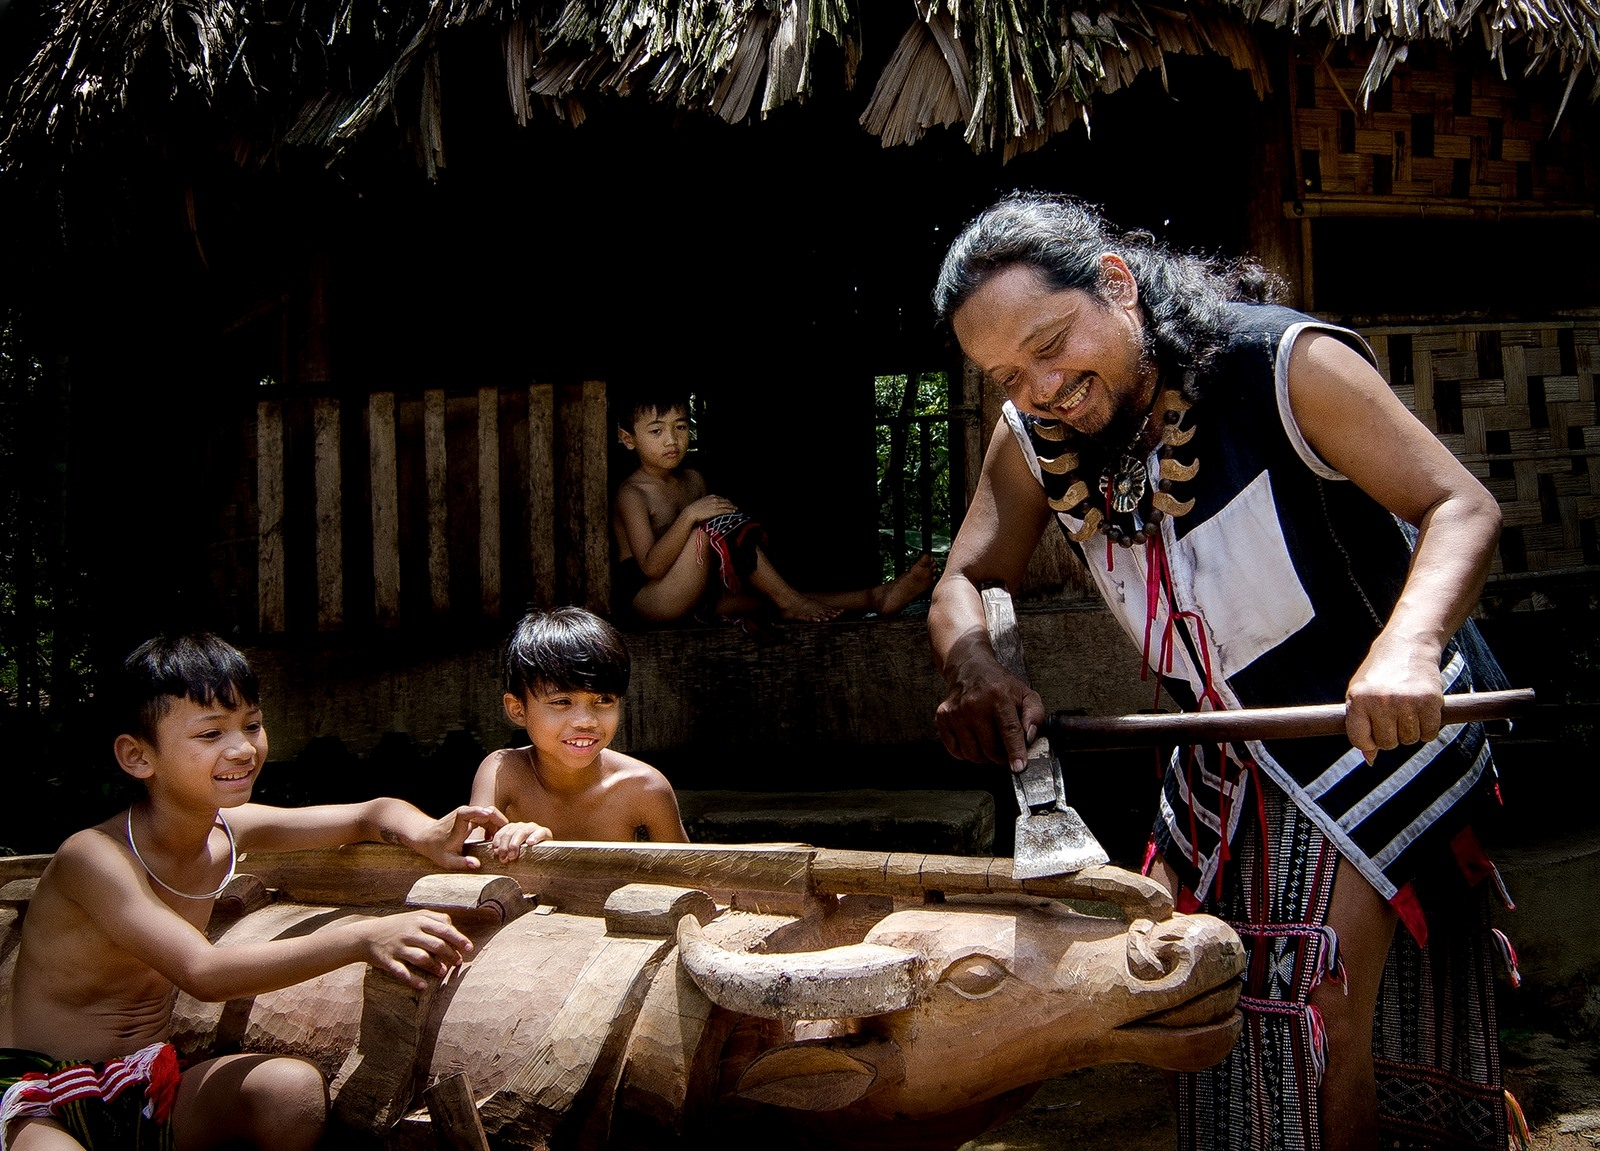 Bản sắc truyền thống là điều cần thiết phải lựa chọn để giữ gìn trong hành trình phát triển. Ảnh: L.T.K